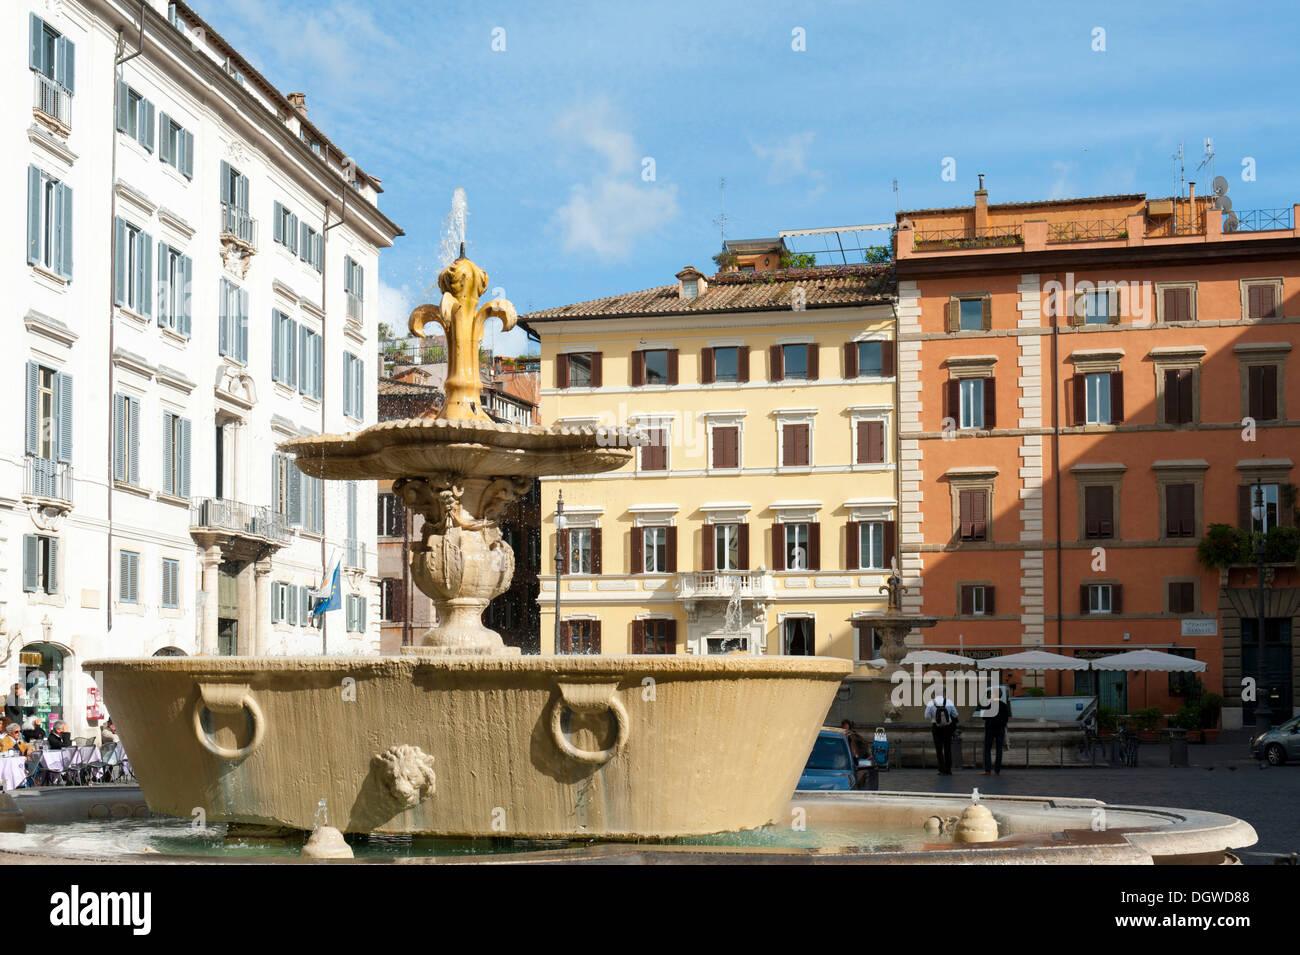 baroque architecture, historical city centre, fountain in piazza